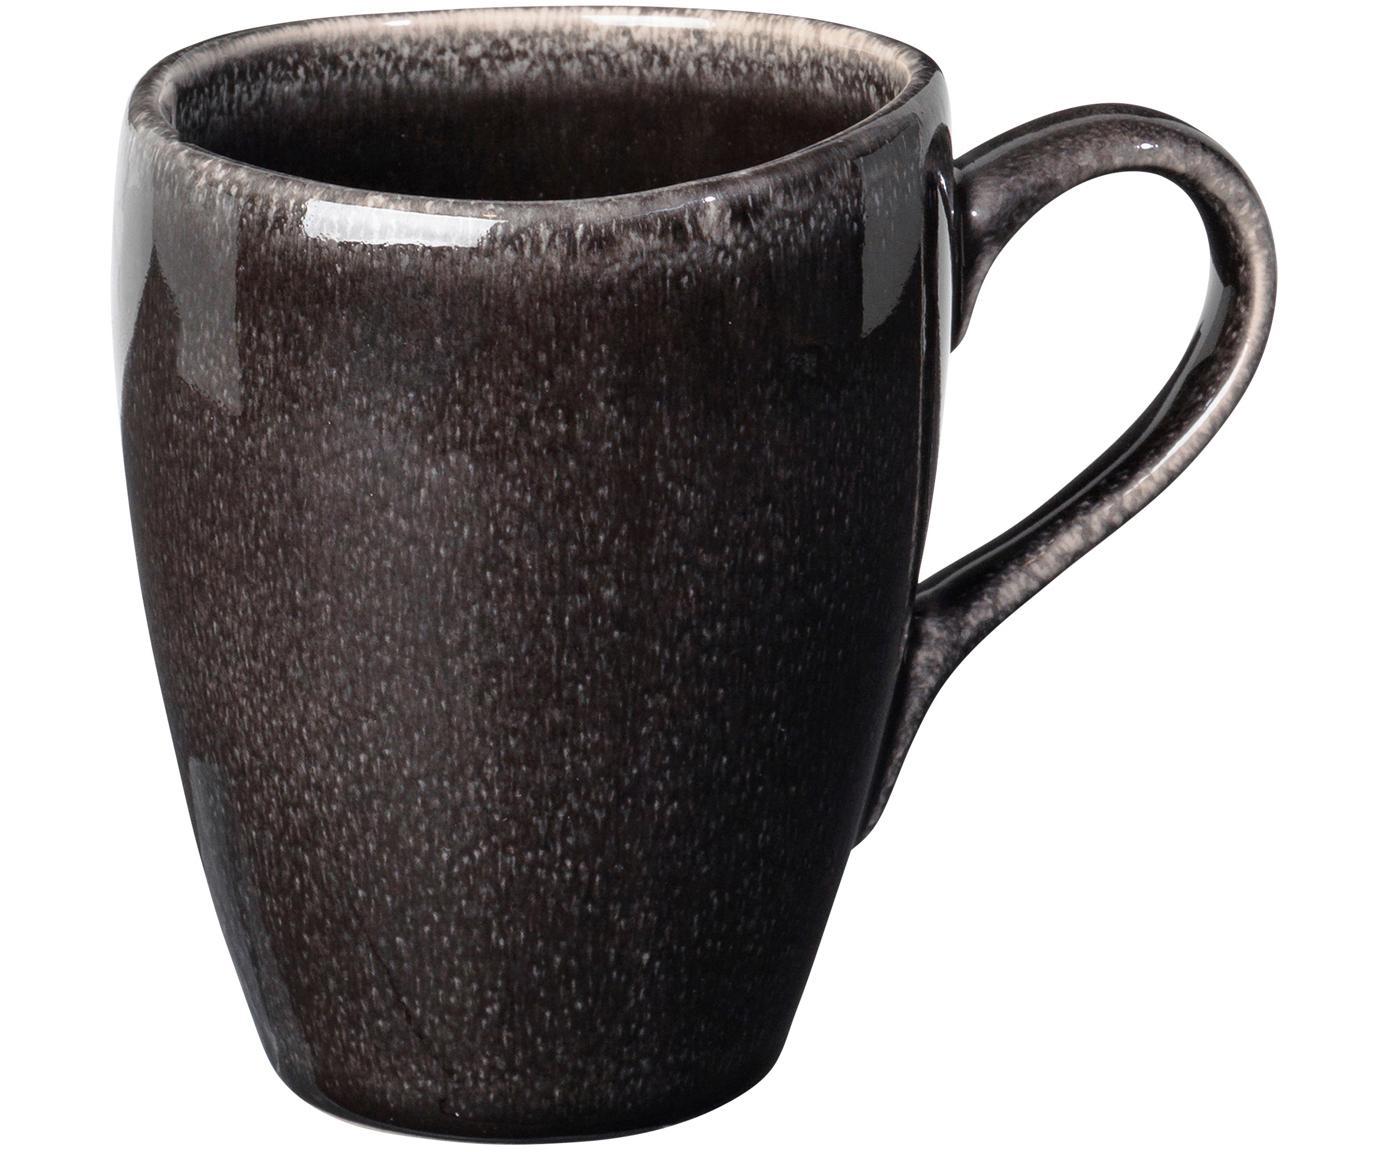 Handgemachte Tassen Nordic Coal, 6 Stück, Steingut, Bräunlich, Ø 8 x H 10 cm